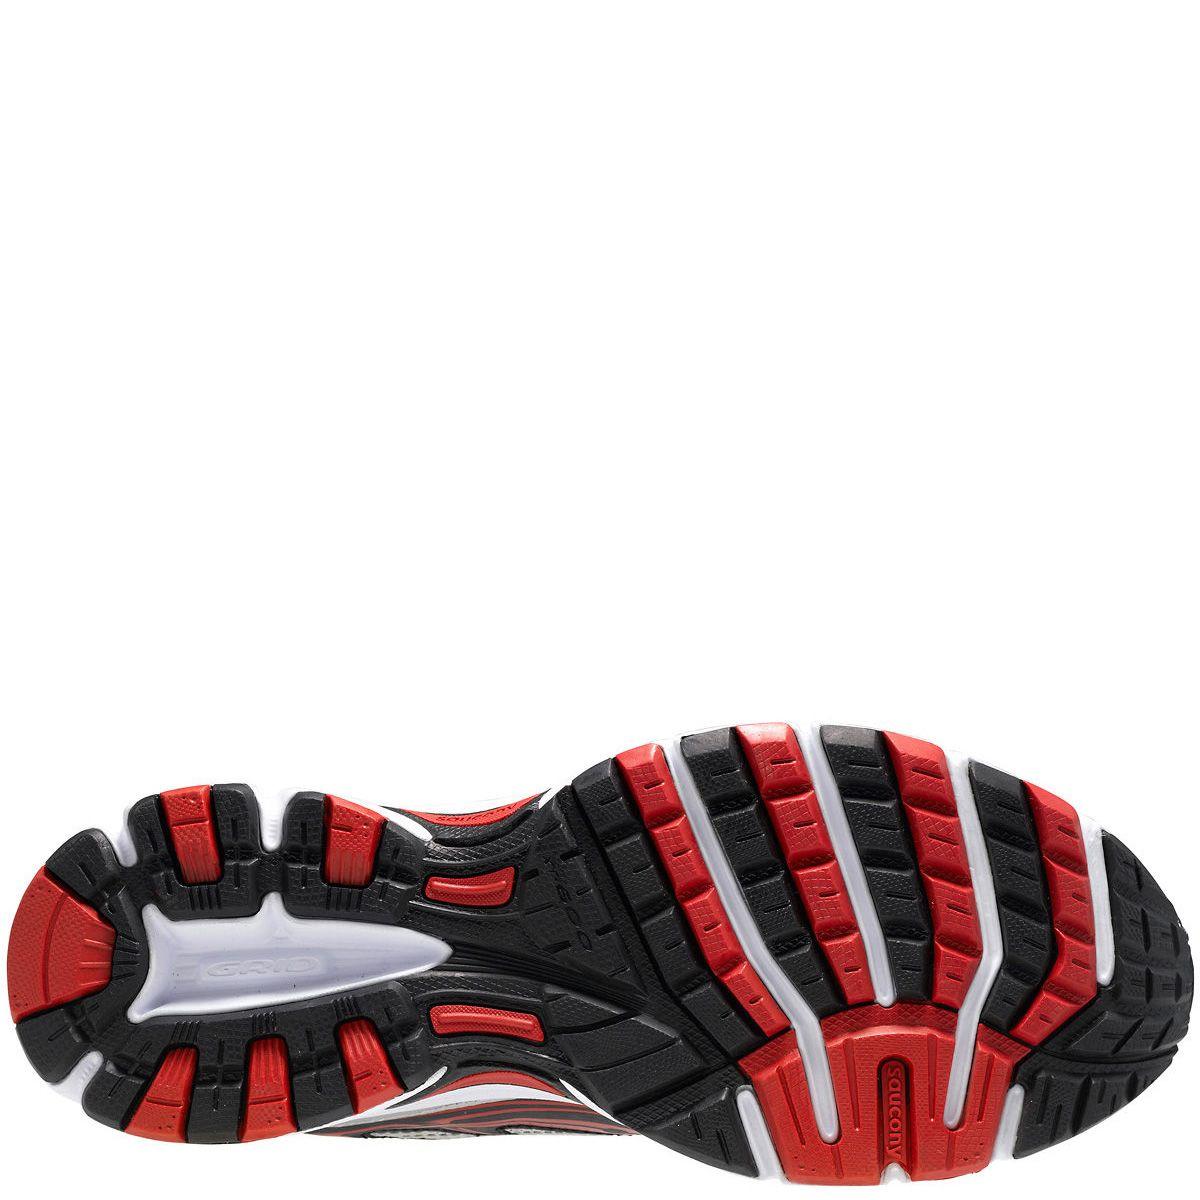 Мужские беговые кроссовки Saucony Cohesion 7 черно-серебристые с красным